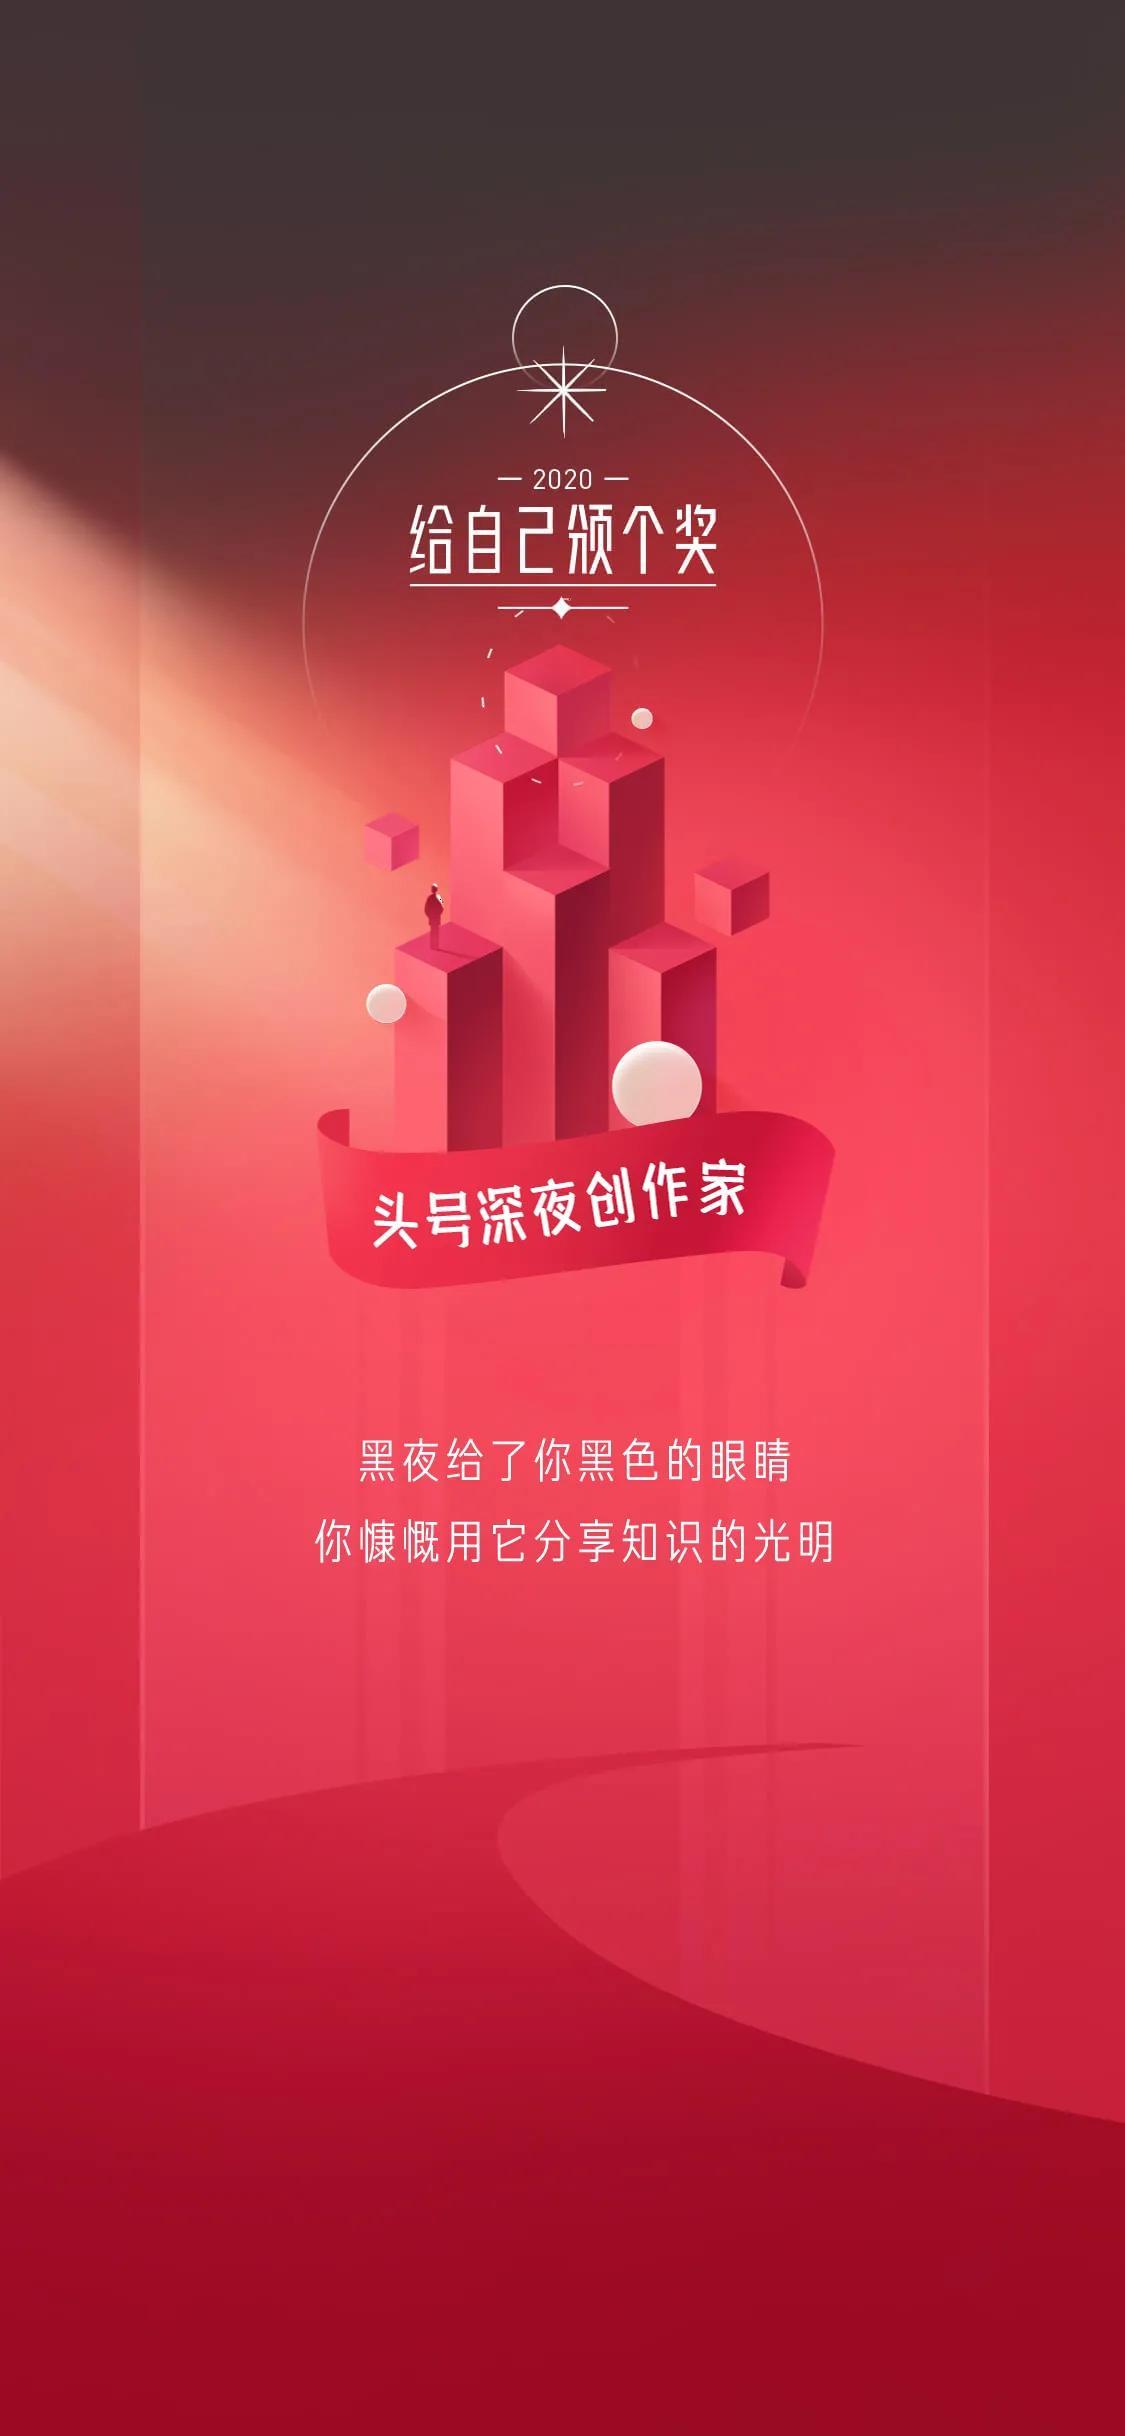 公共安全智慧传输产业联盟,李建平主席一行走访中山市杨格锁业。